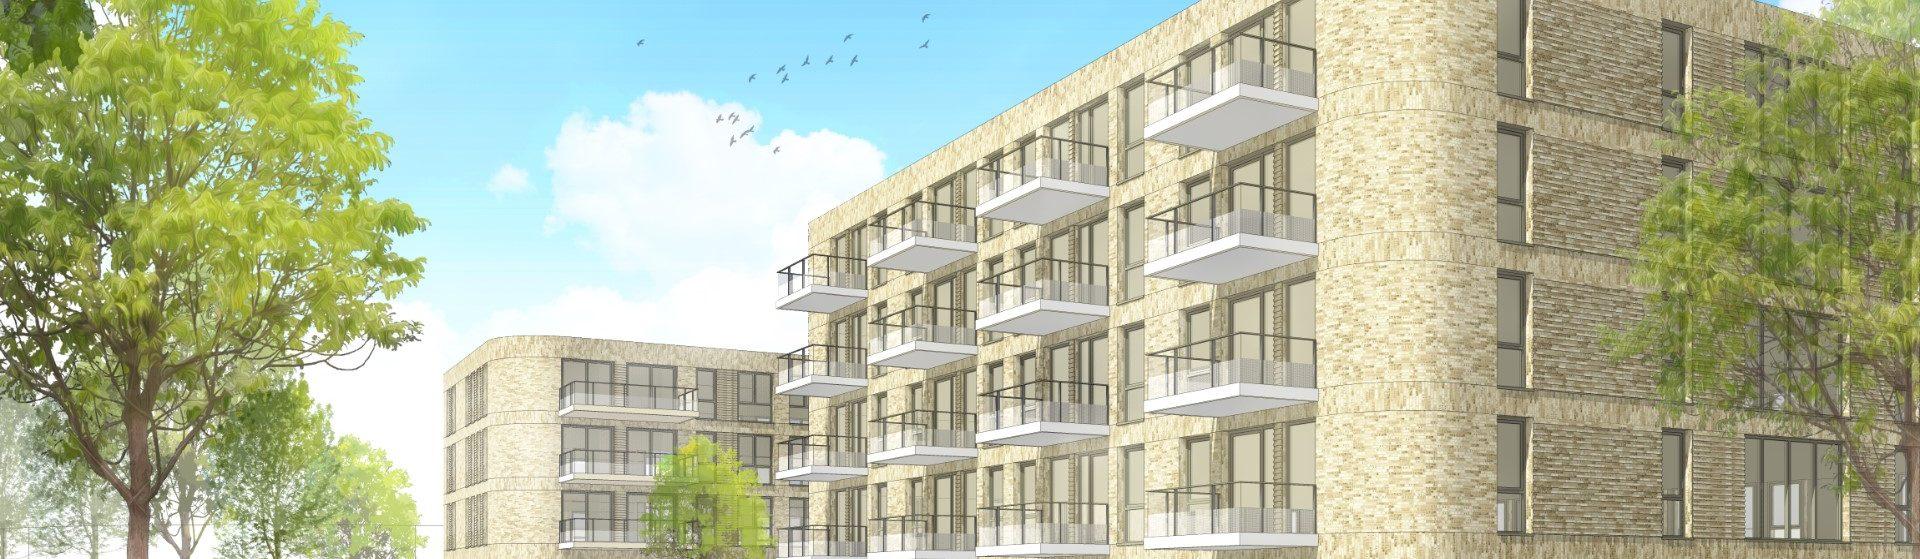 Nieuwbouw Duinrand Katwijk_Ontwerp_01